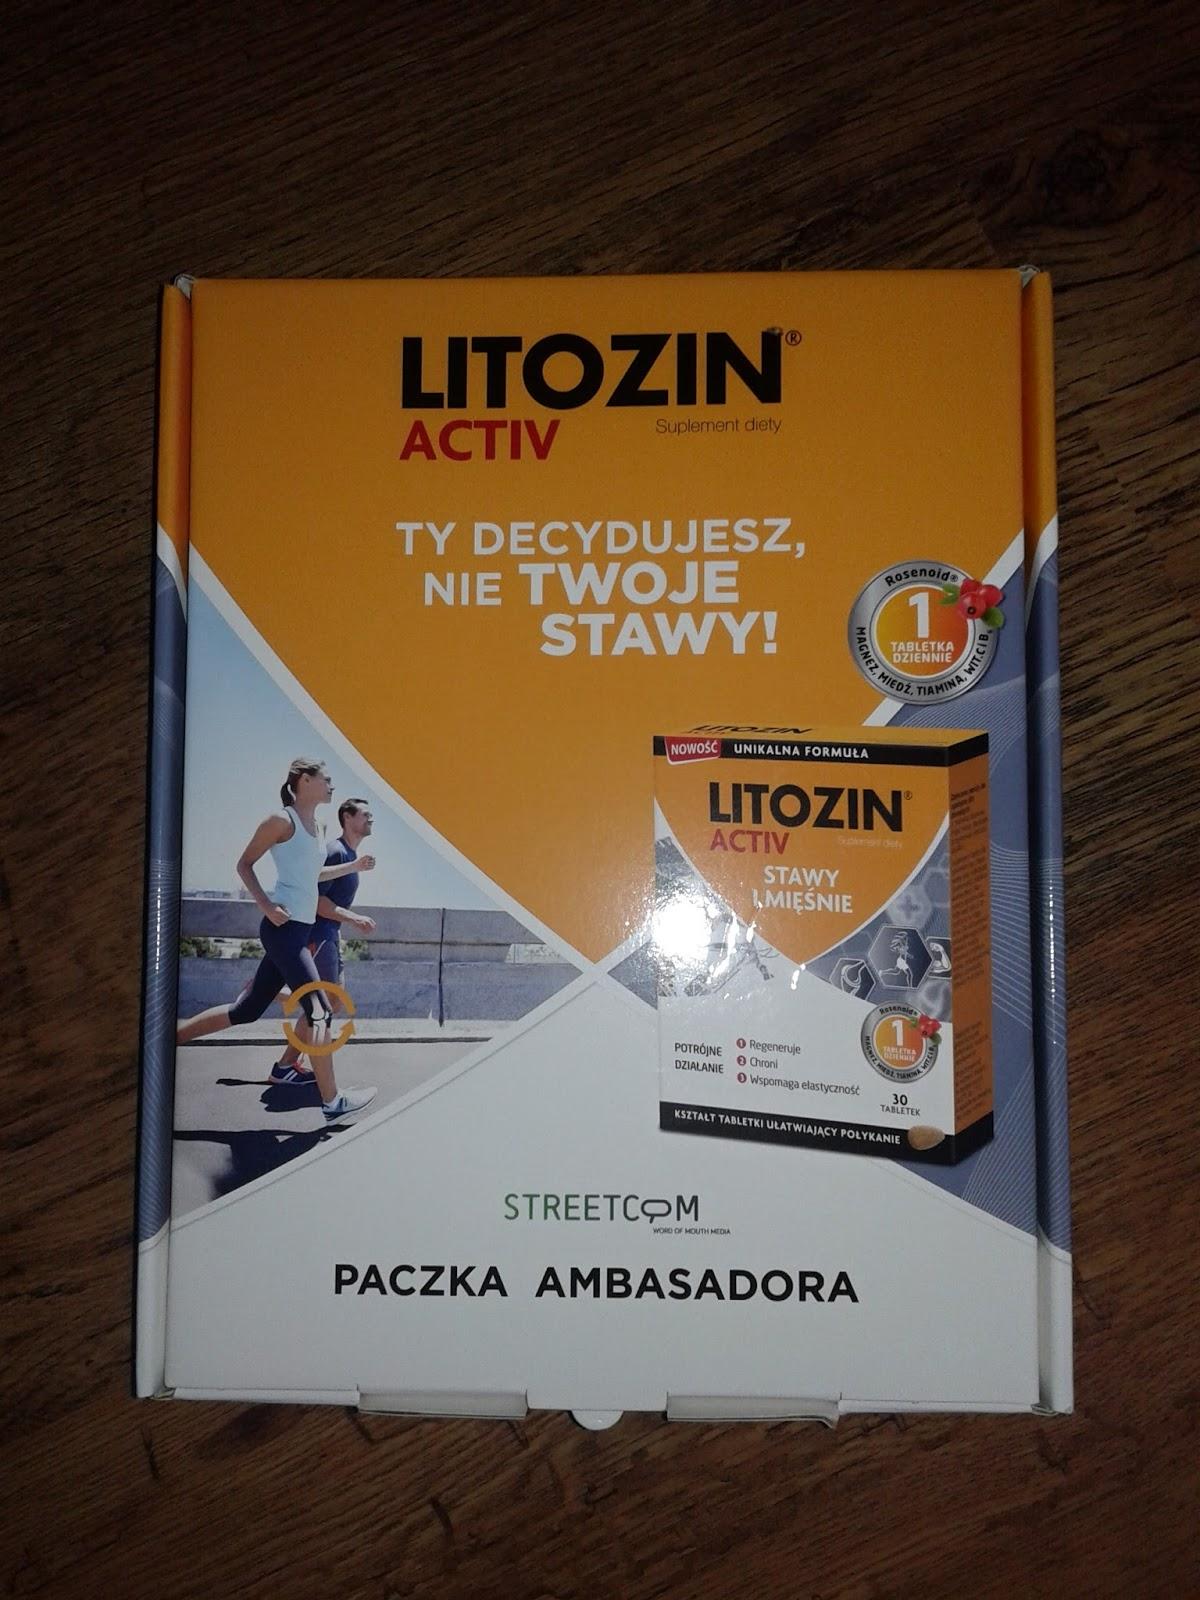 Litozin ACTIV - stawy i mięśnie pod ochroną.